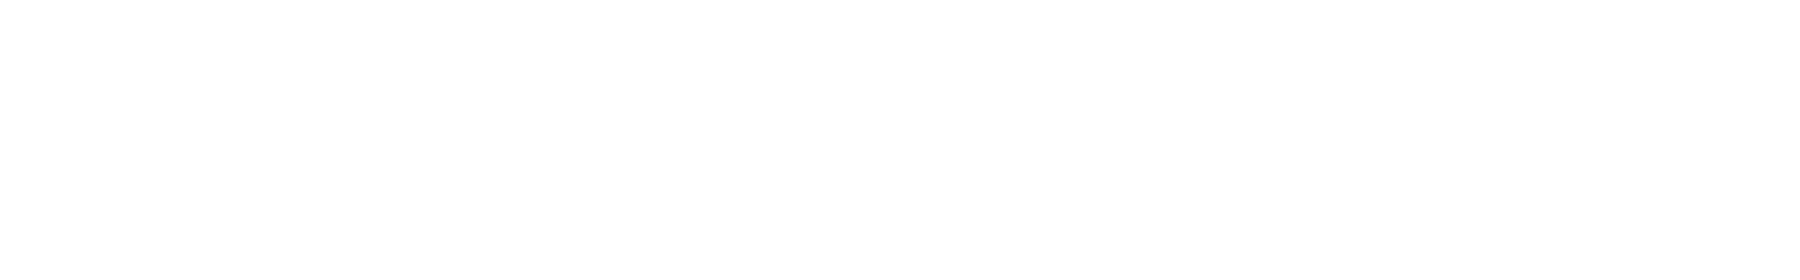 ps480 sh